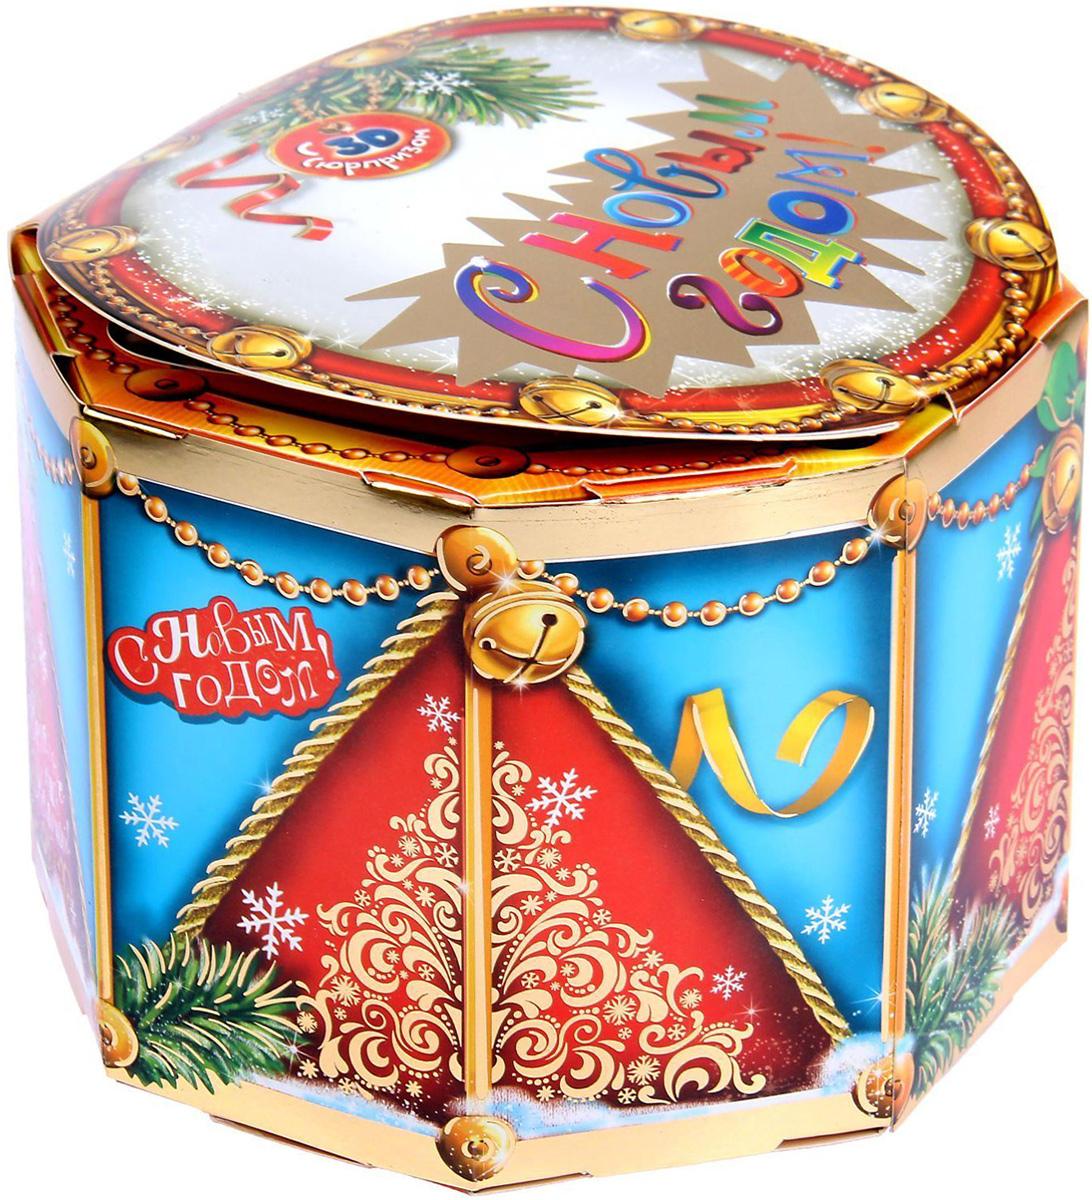 Коробка складная Sima-land Заяц с барабаном, 17 х 17 х 12,5 см1128418Любой подарок начинается с упаковки. Что может быть трогательнее и волшебнее, чем ритуал разворачивания полученного презента. И именно оригинальная, со вкусом выбранная упаковка выделит ваш подарок из массы других. Подарочная коробка Sima-land продемонстрирует самые теплые чувства к виновнику торжества и создаст сказочную атмосферу праздника.